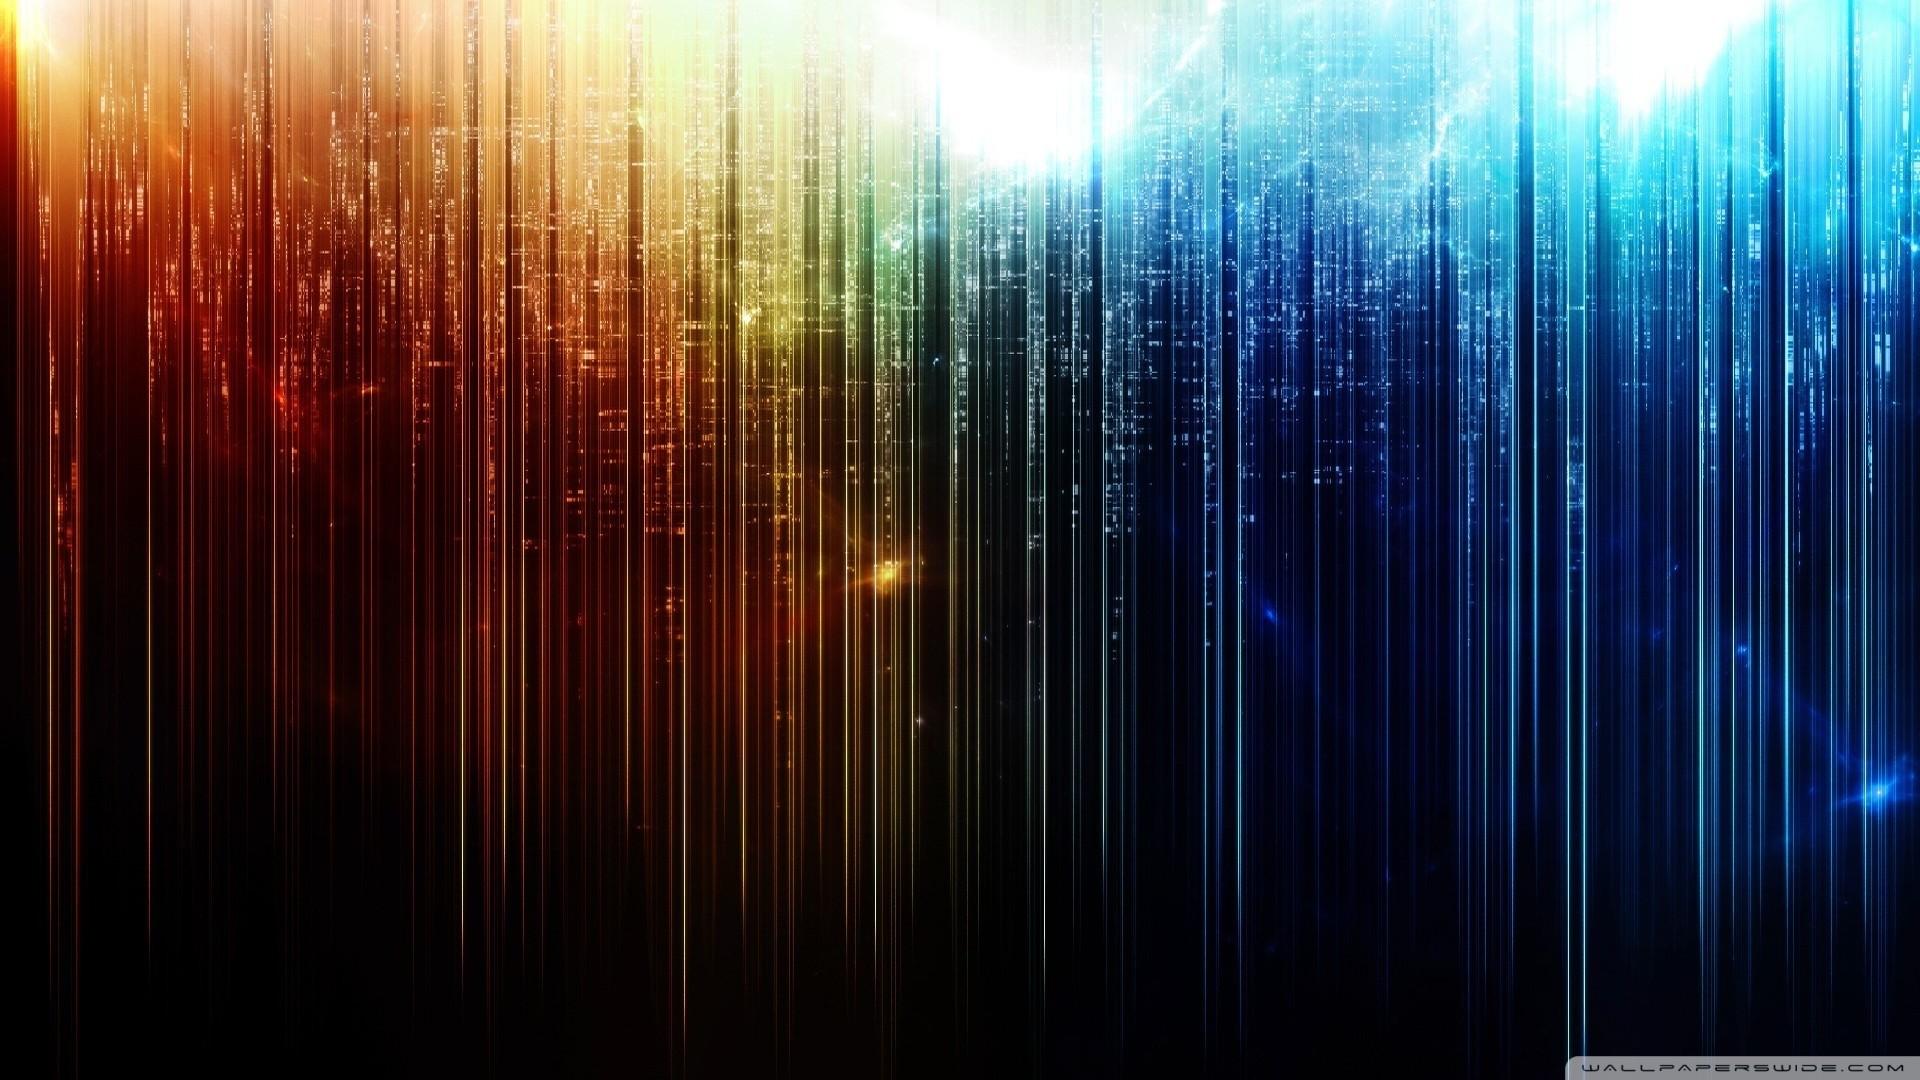 Must see Wallpaper High Resolution Technology - 445406-high-tech-wallpaper-1920x1080-images  Trends_964926.jpg